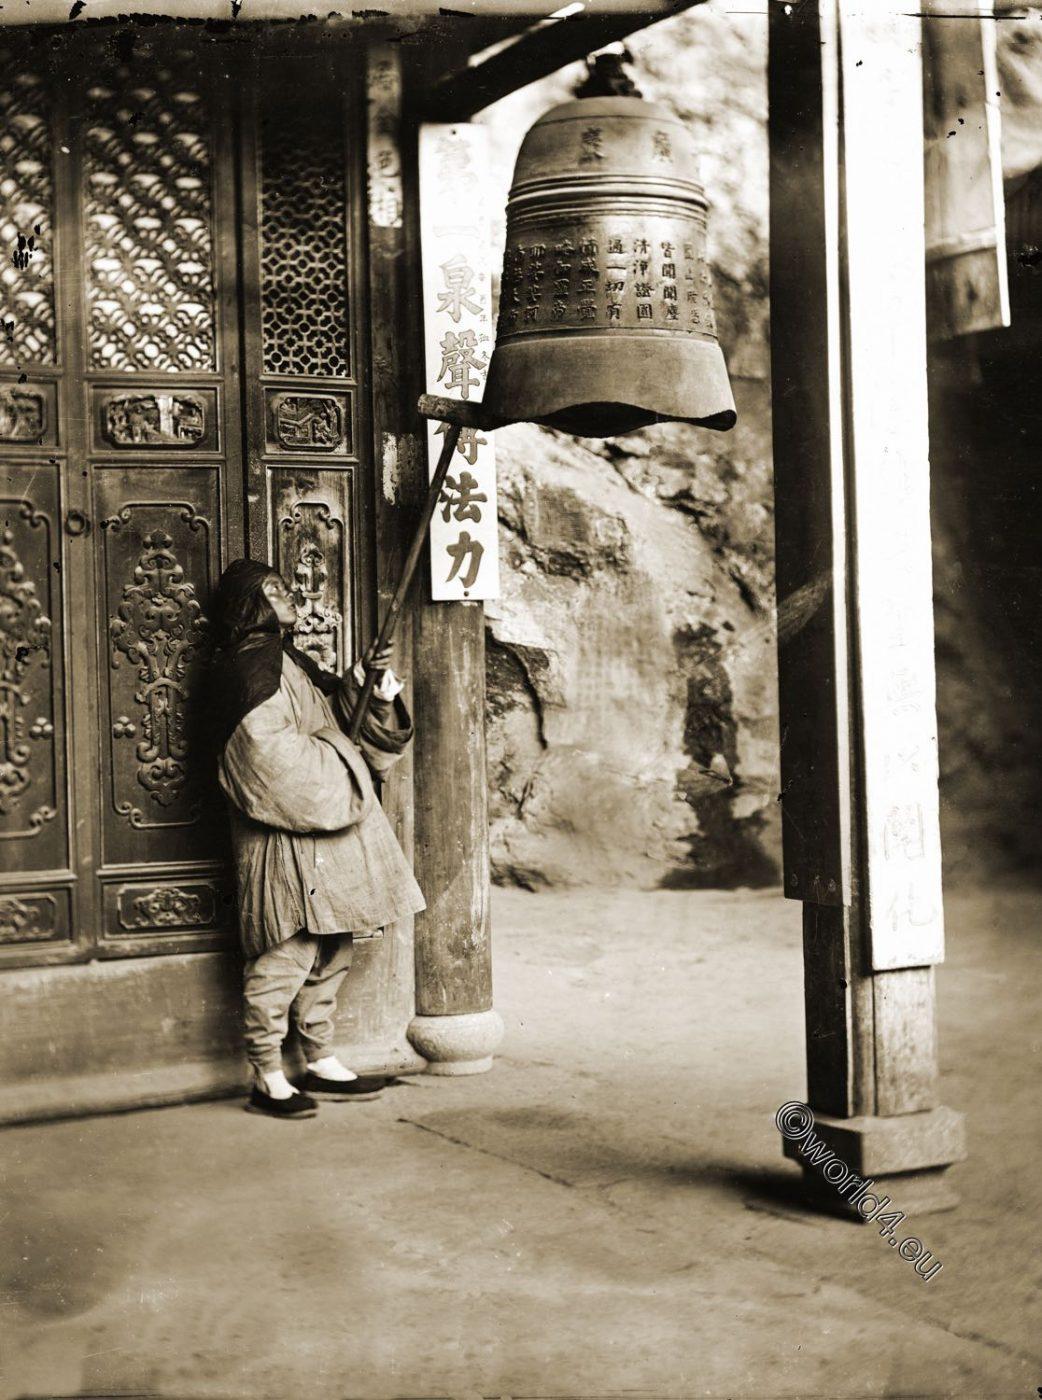 Buddhist, monk, Yuan Fu, Monastery, China, bell